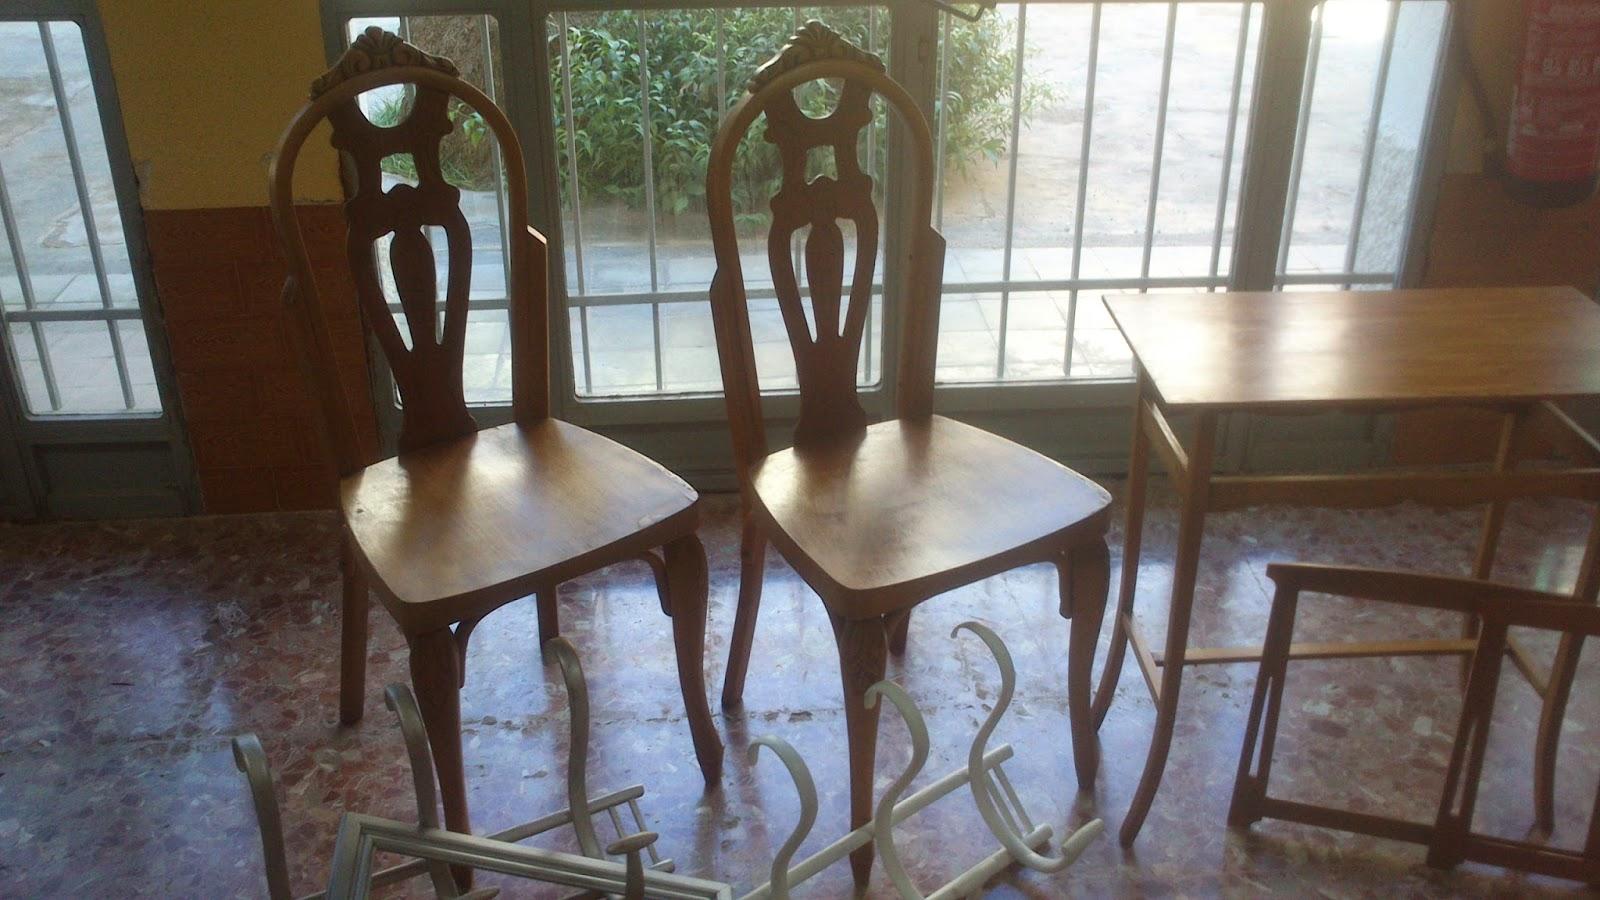 Taller de restauracion de muebles dise os for Cursos de restauracion de muebles en madrid